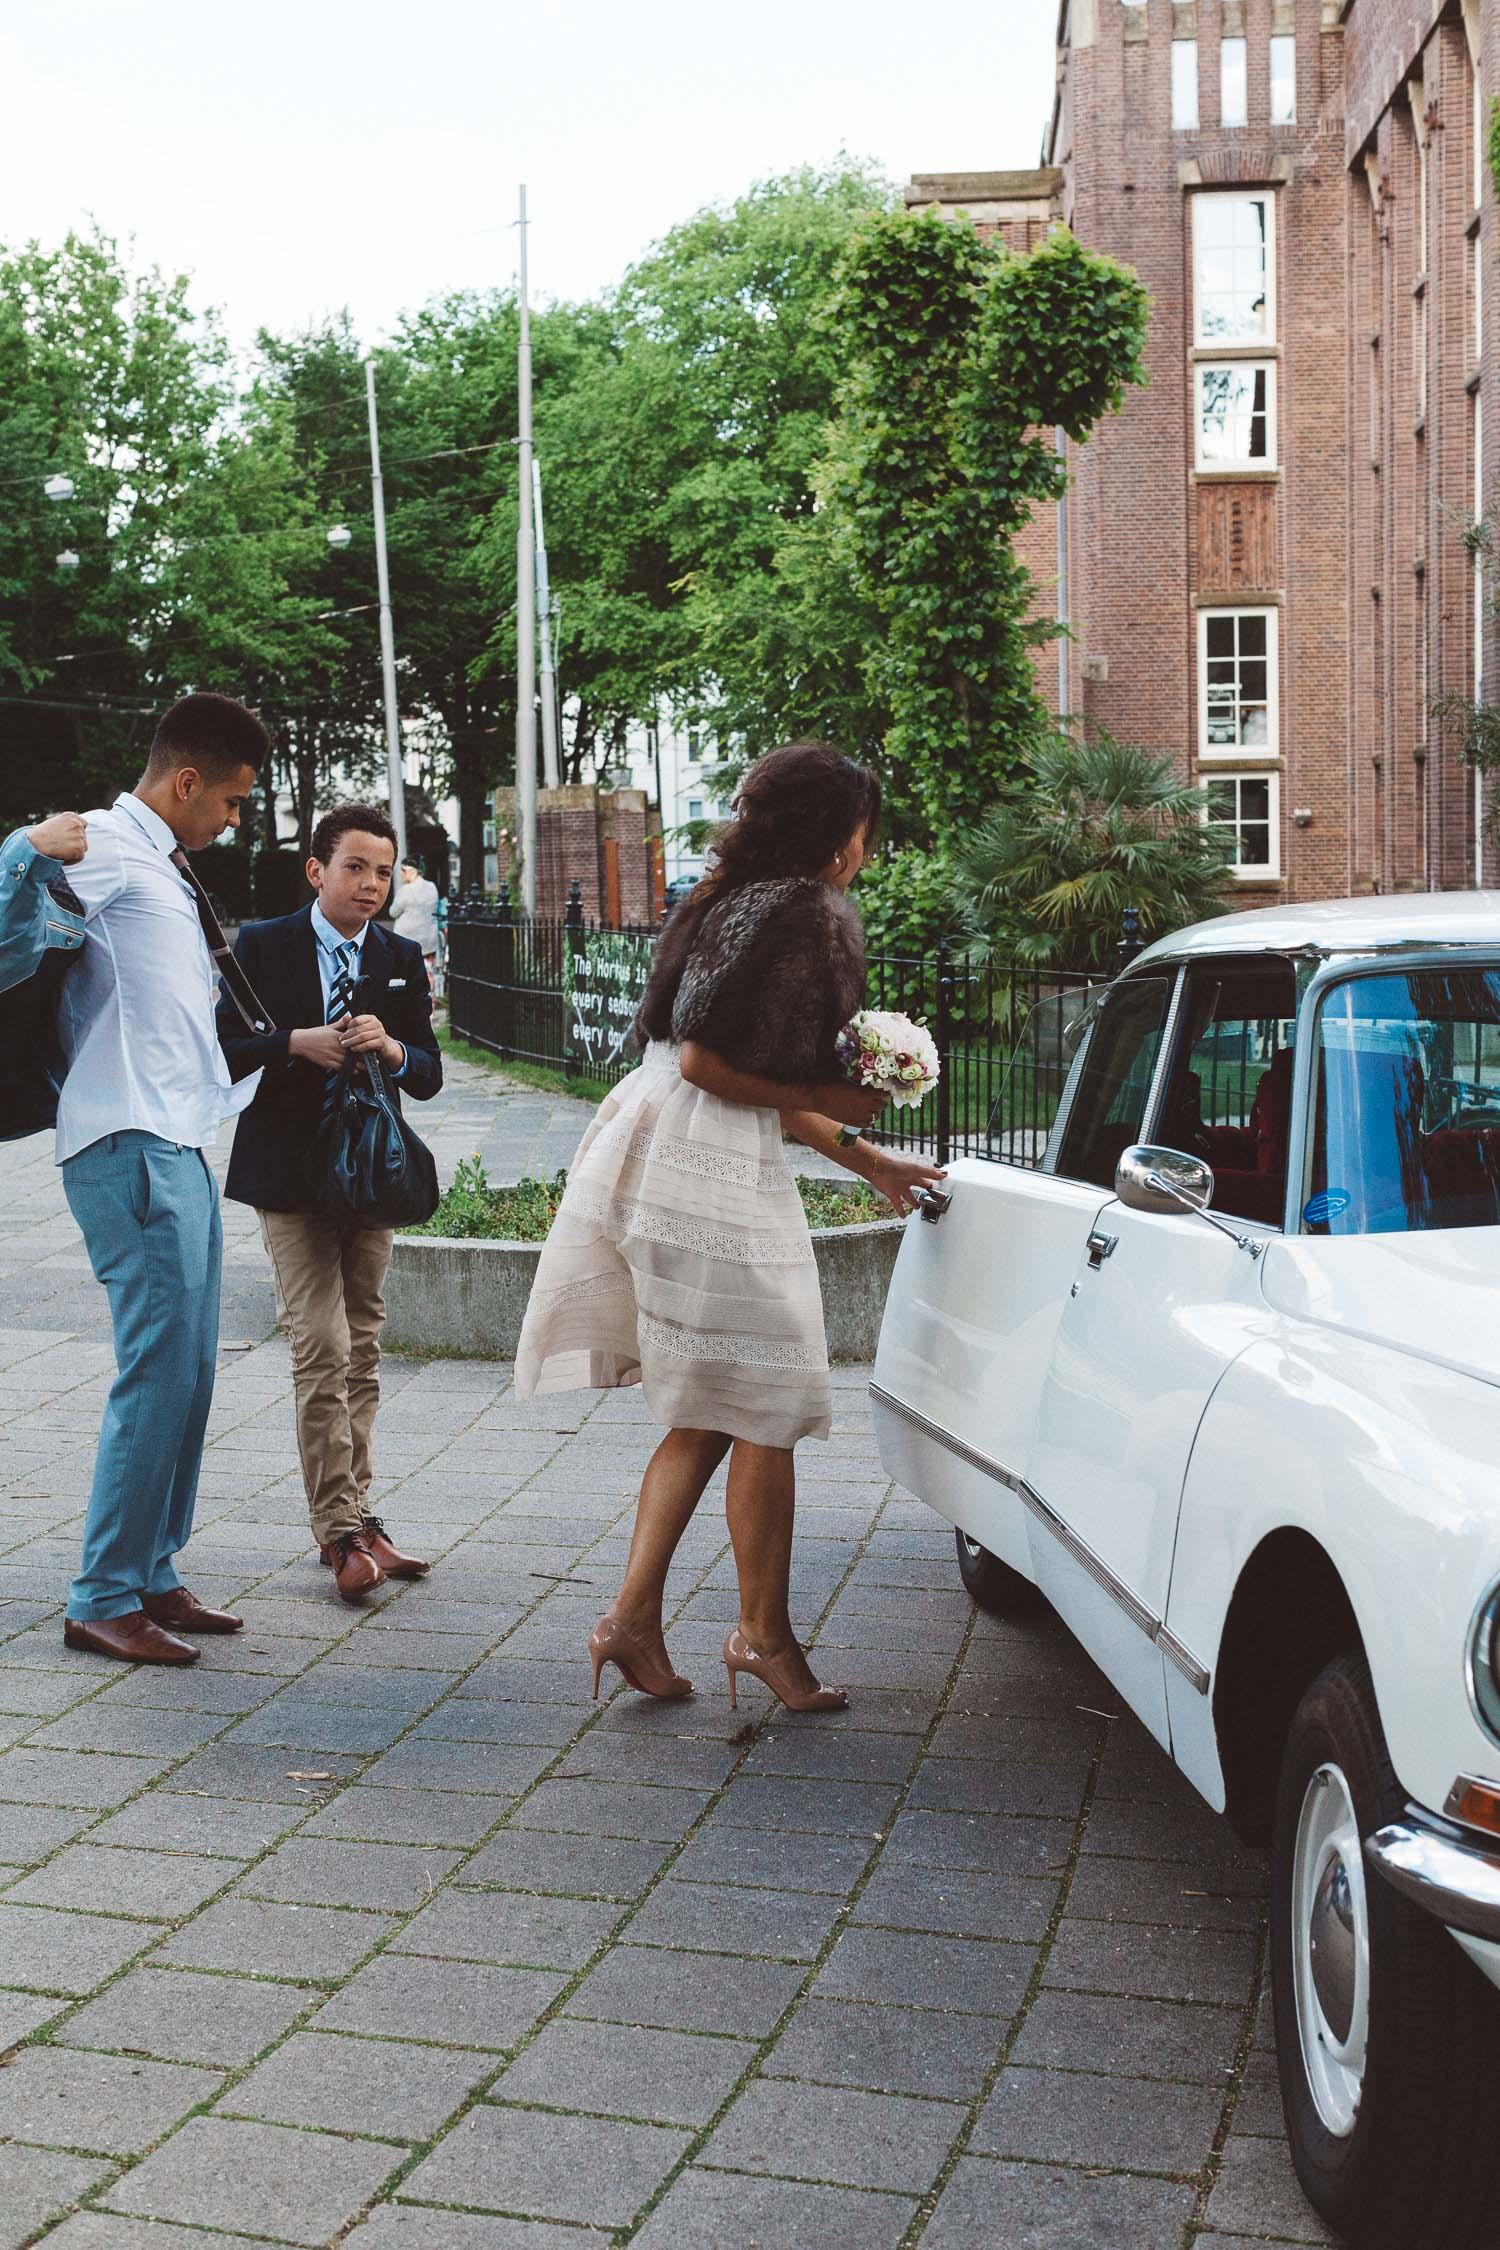 Wedding-photography-trouwfotografie-huwelijksfotograaf-Hortus-Botanicus-Amsterdam-On-a-hazy-morning-8.jpg